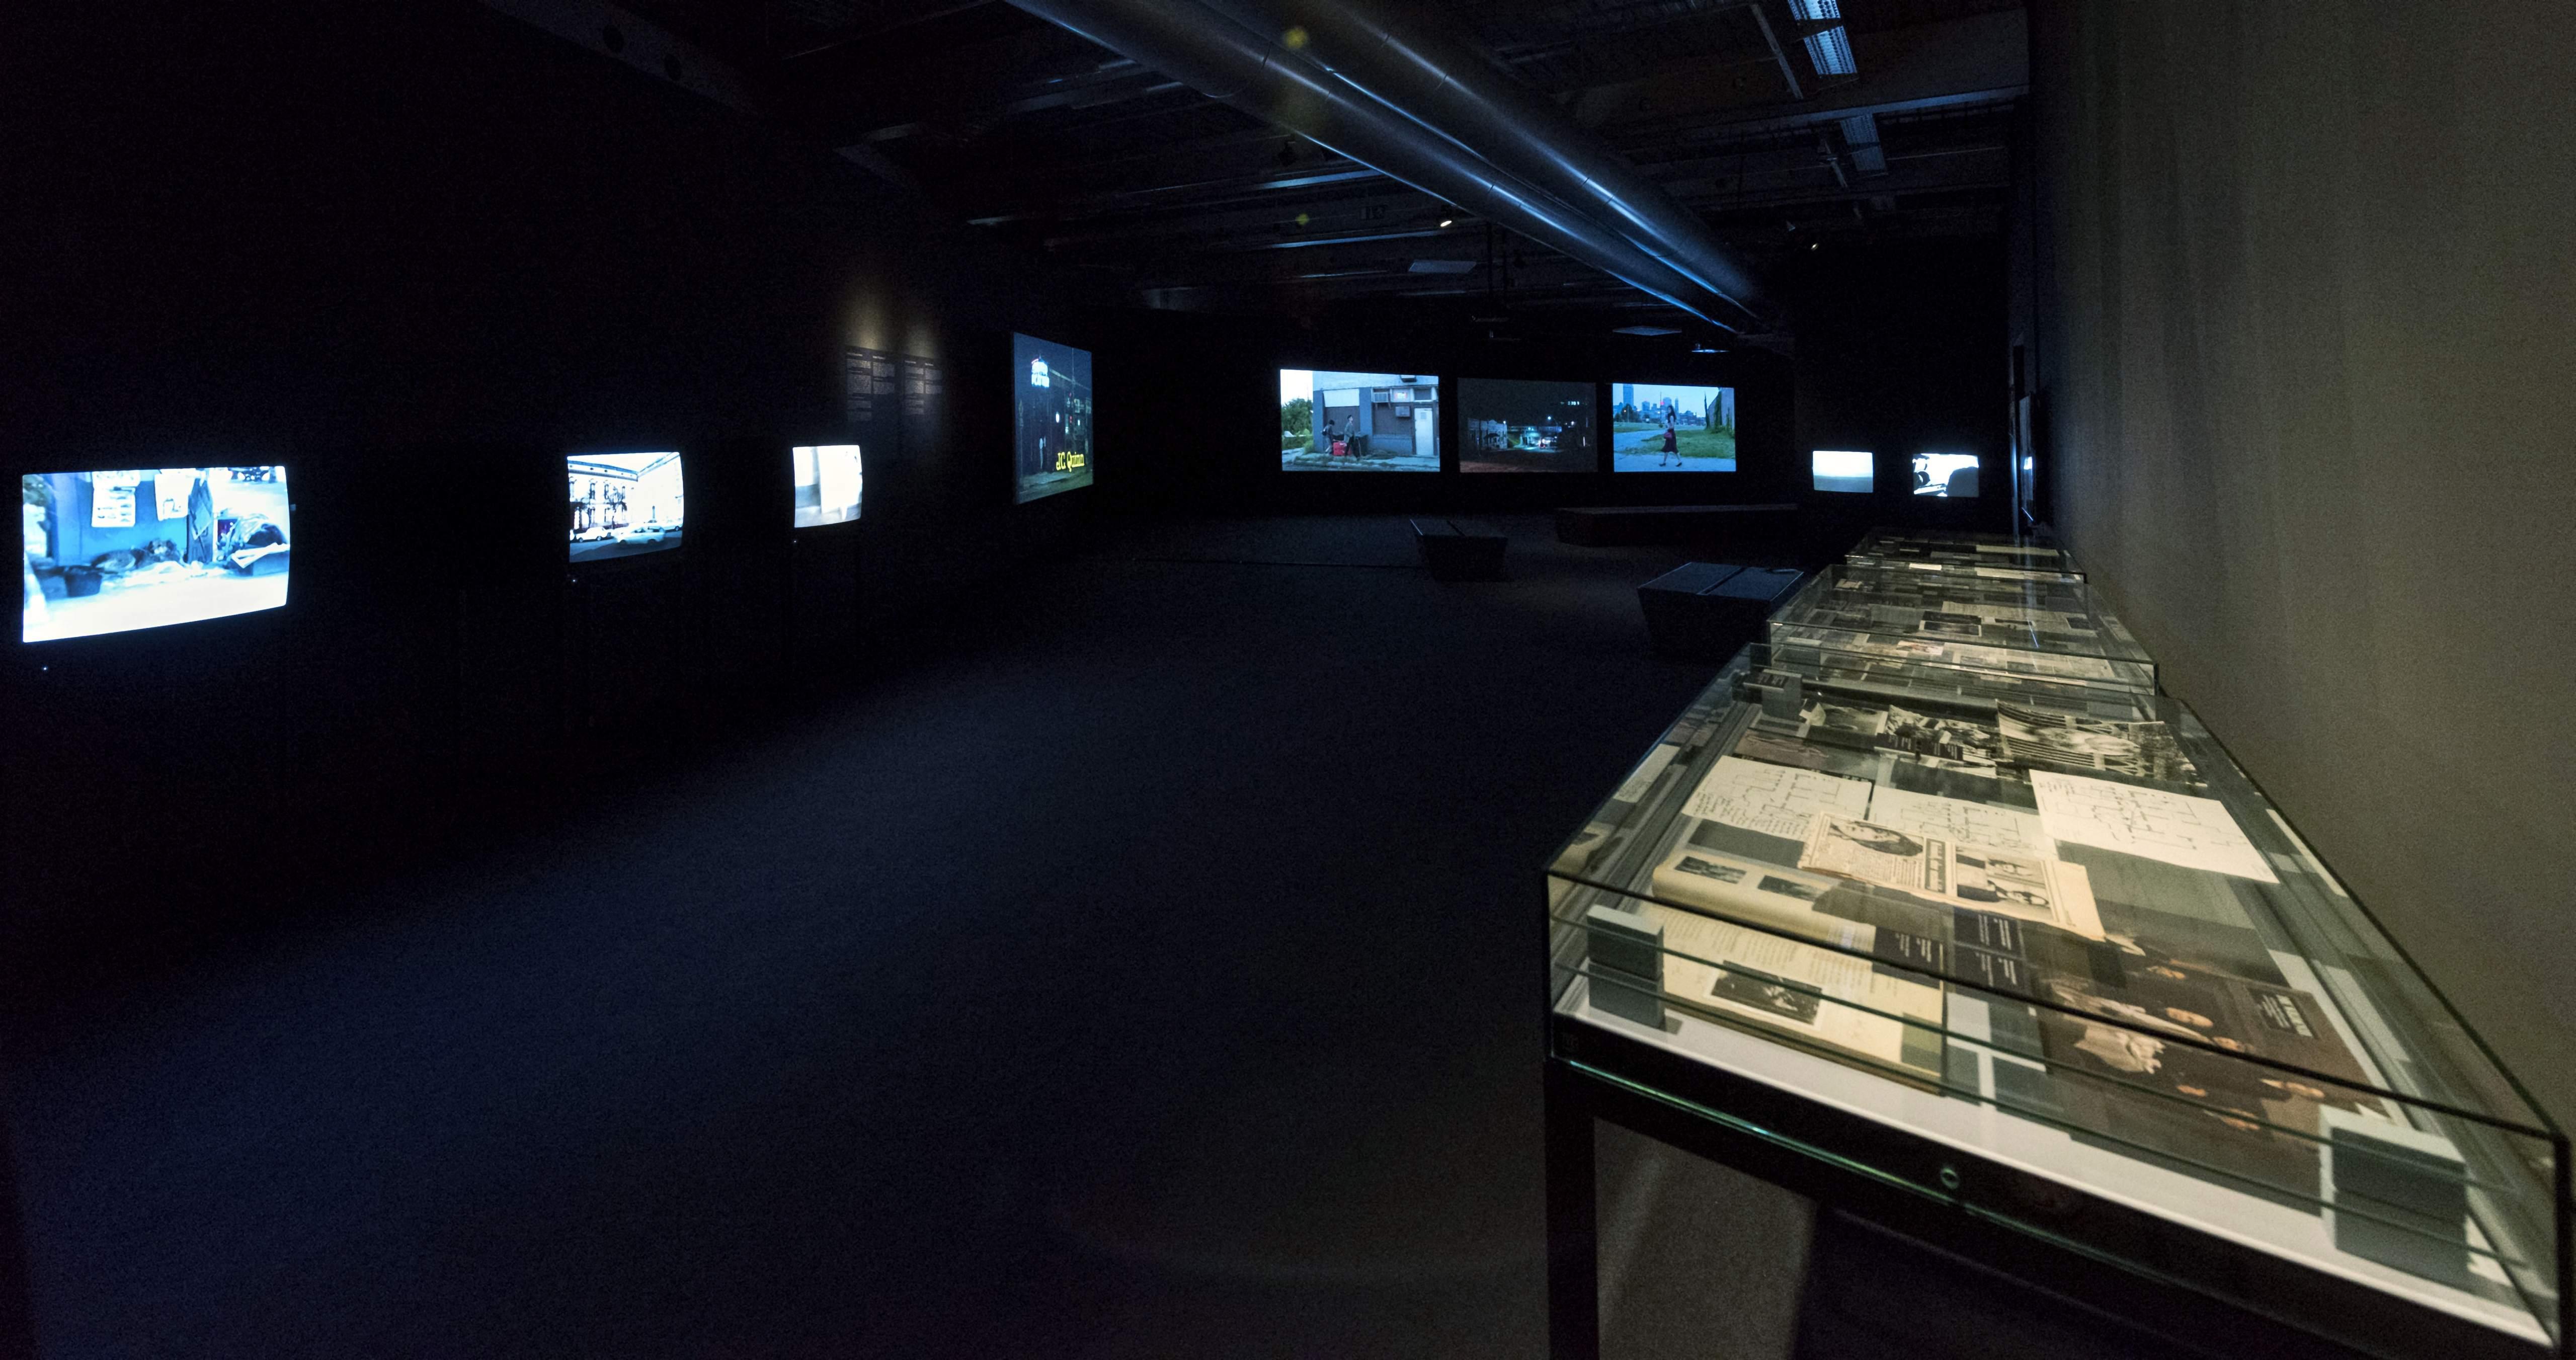 """Raumansicht der Ausstellung """"Robby Müller Master of Light"""", Deutsche Kinemathek, Berlin"""